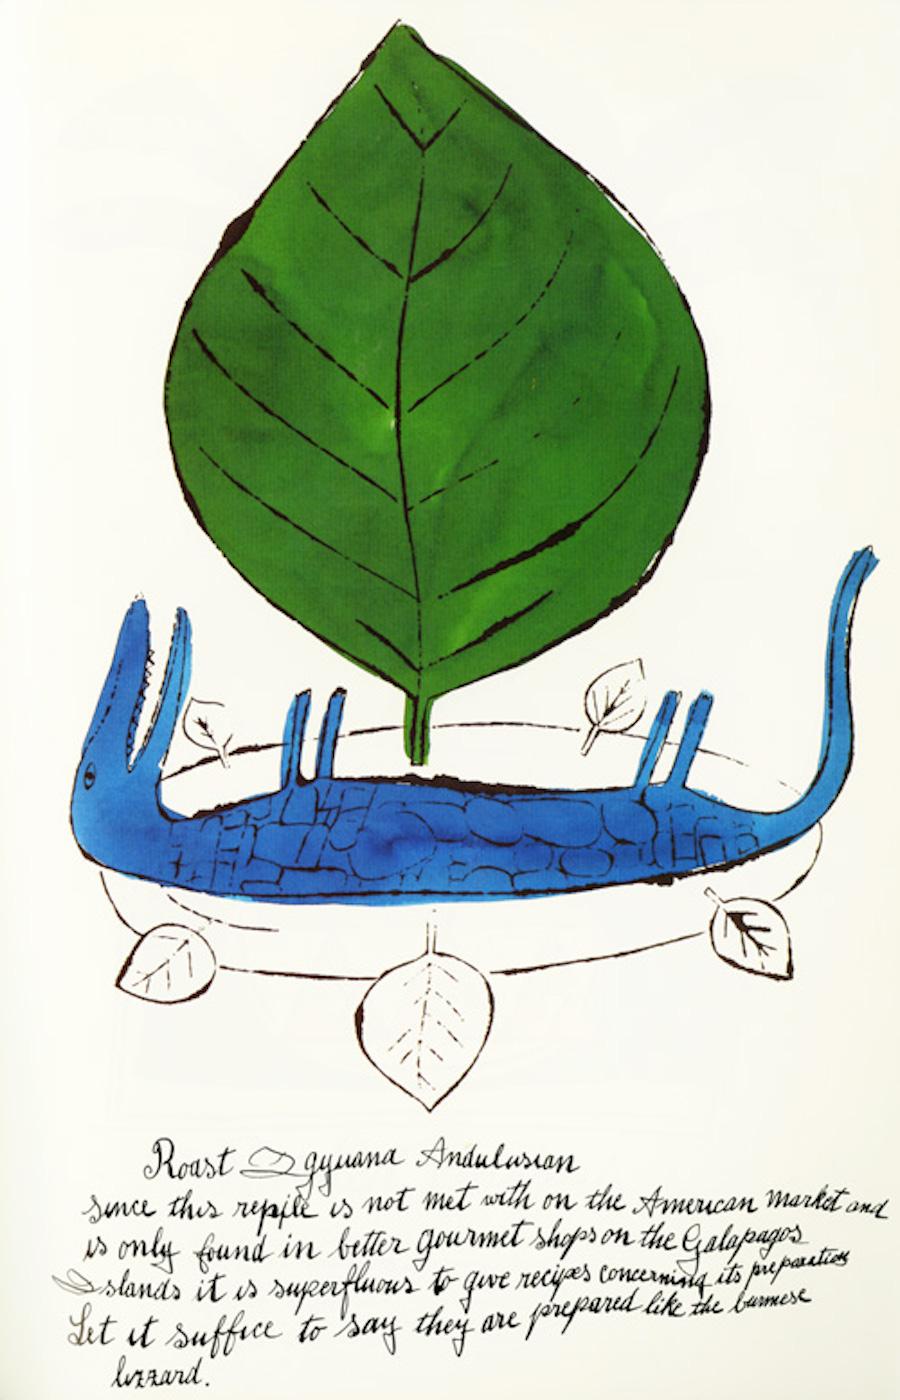 Roast Gyuana Andulusian by Andy Warhol